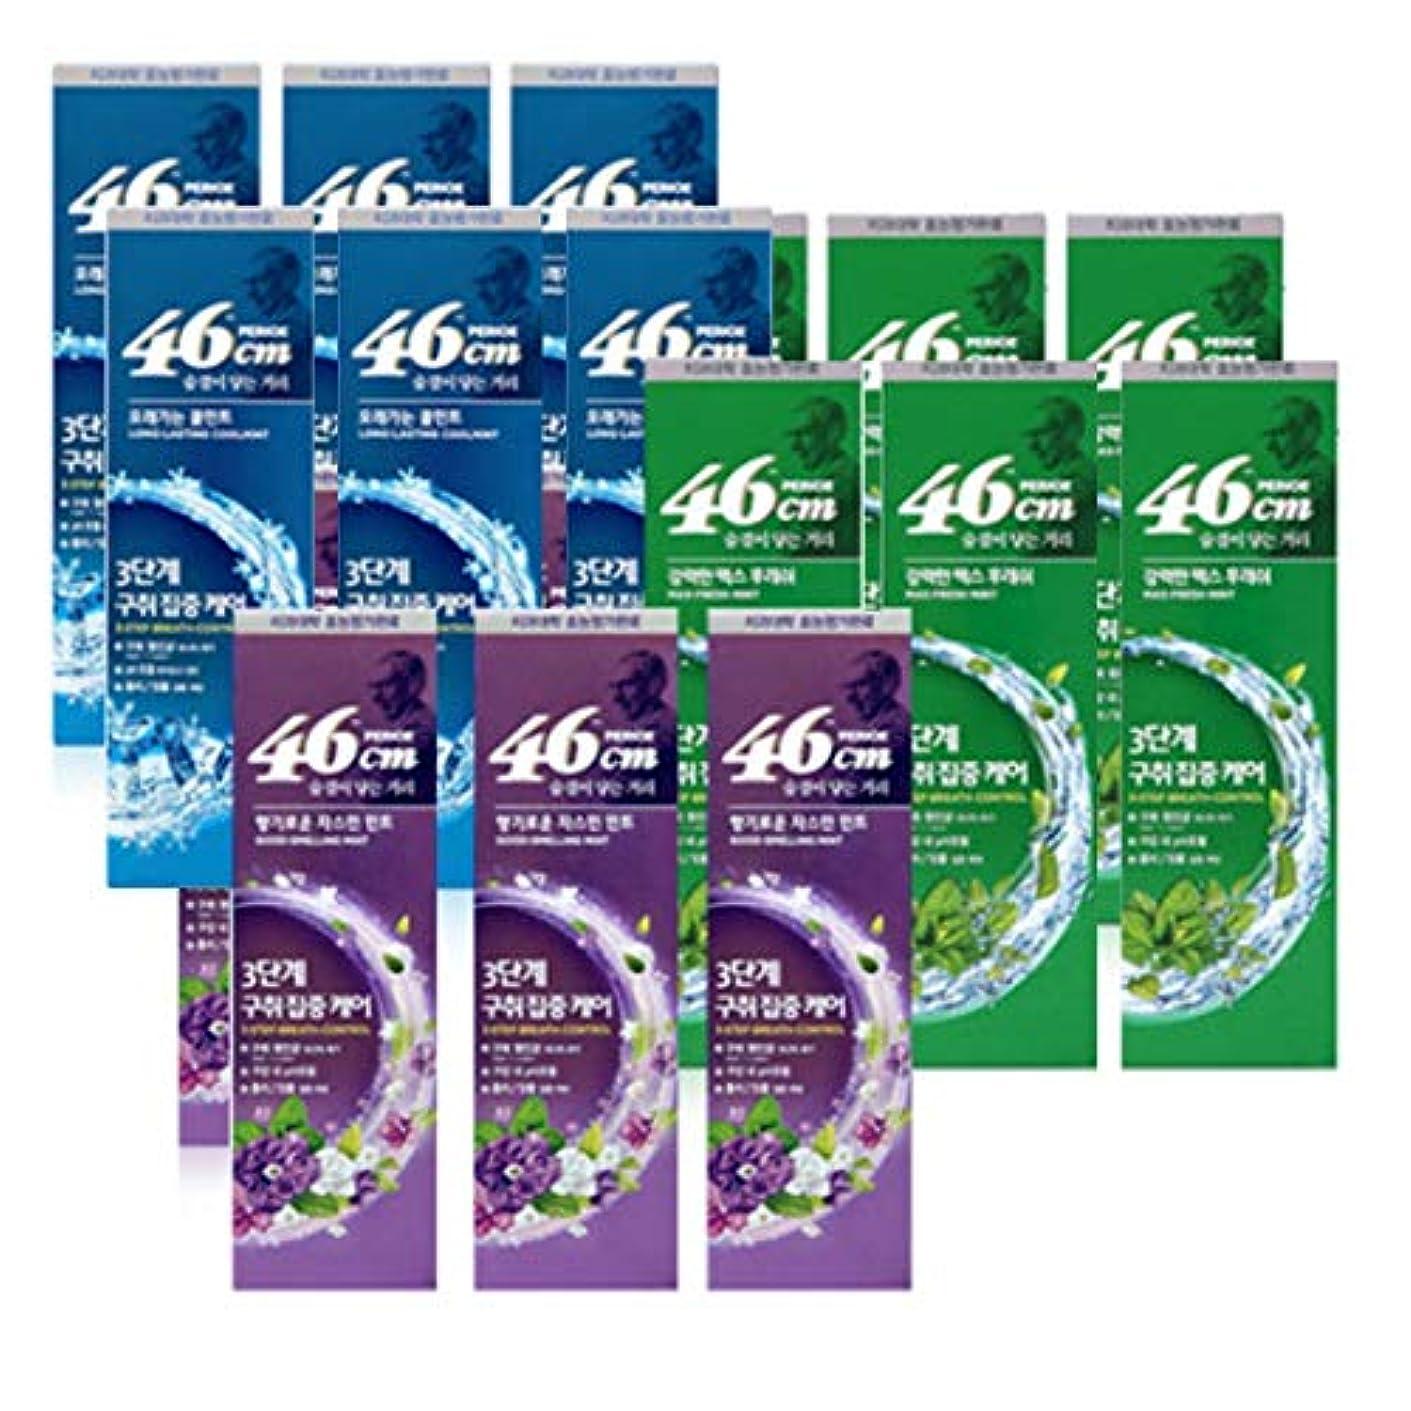 退屈させる生産性さておき[LG HnB] Perio 46cm toothpaste / ペリオ46cm歯磨き粉 100gx18個(海外直送品)